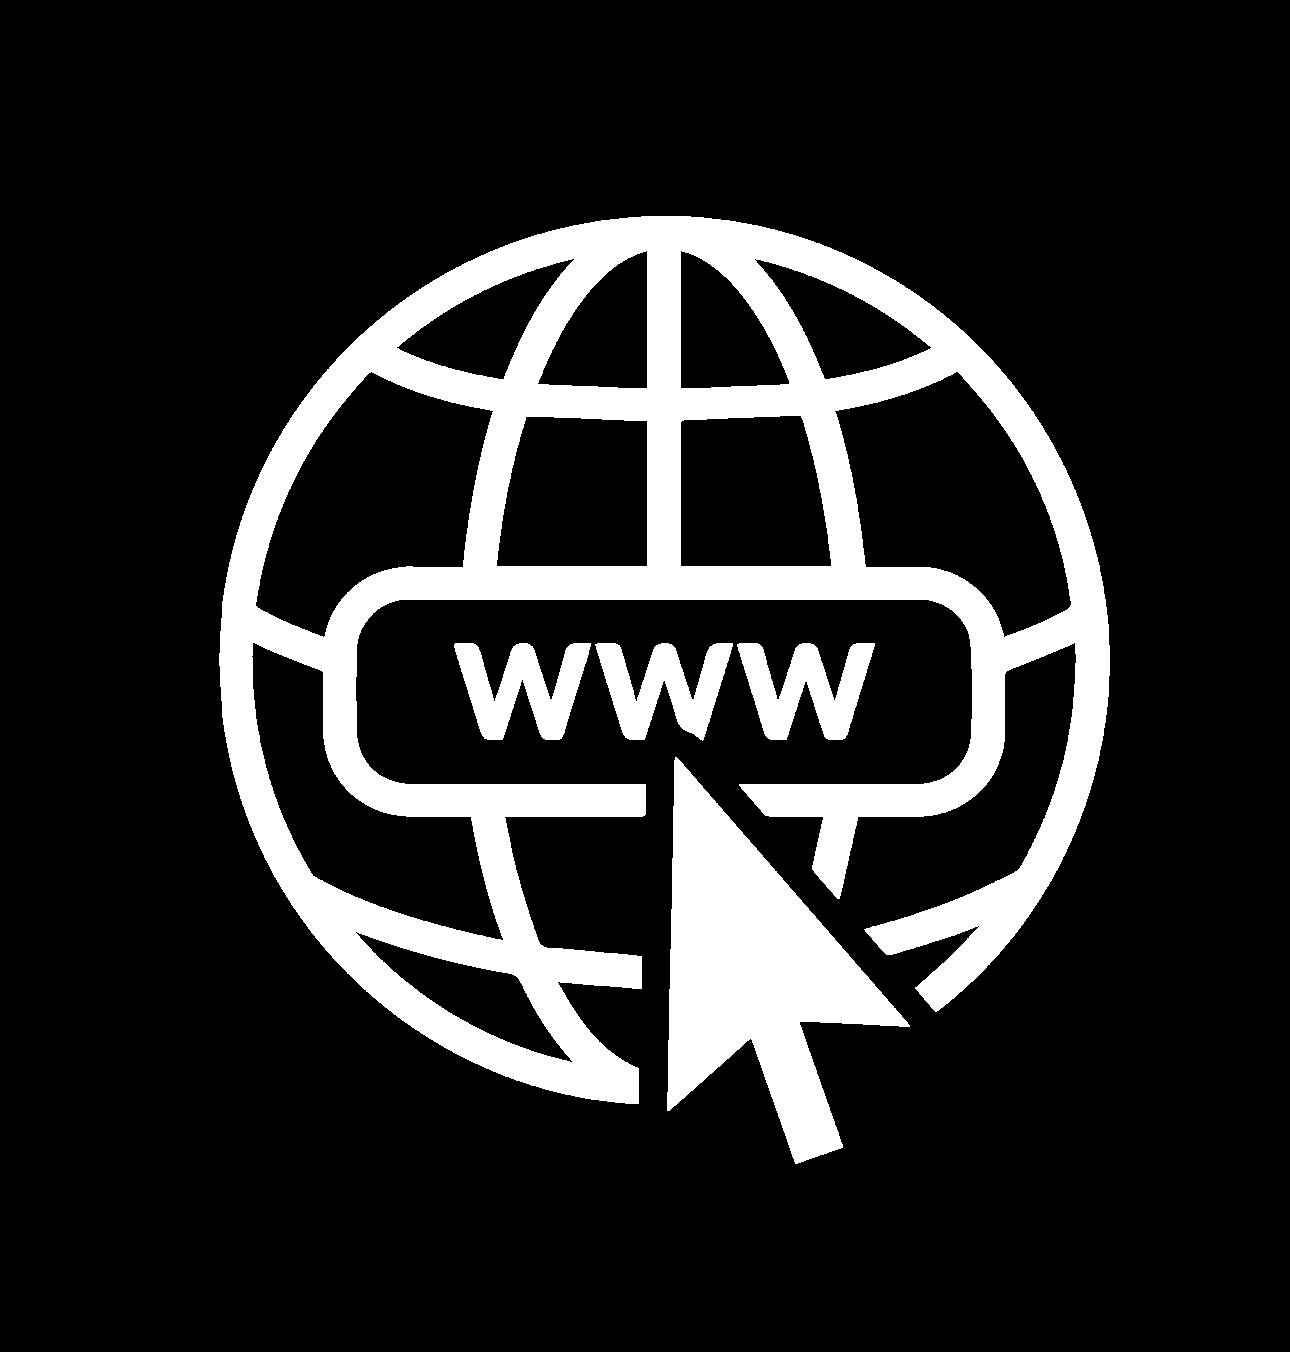 05_Web logo